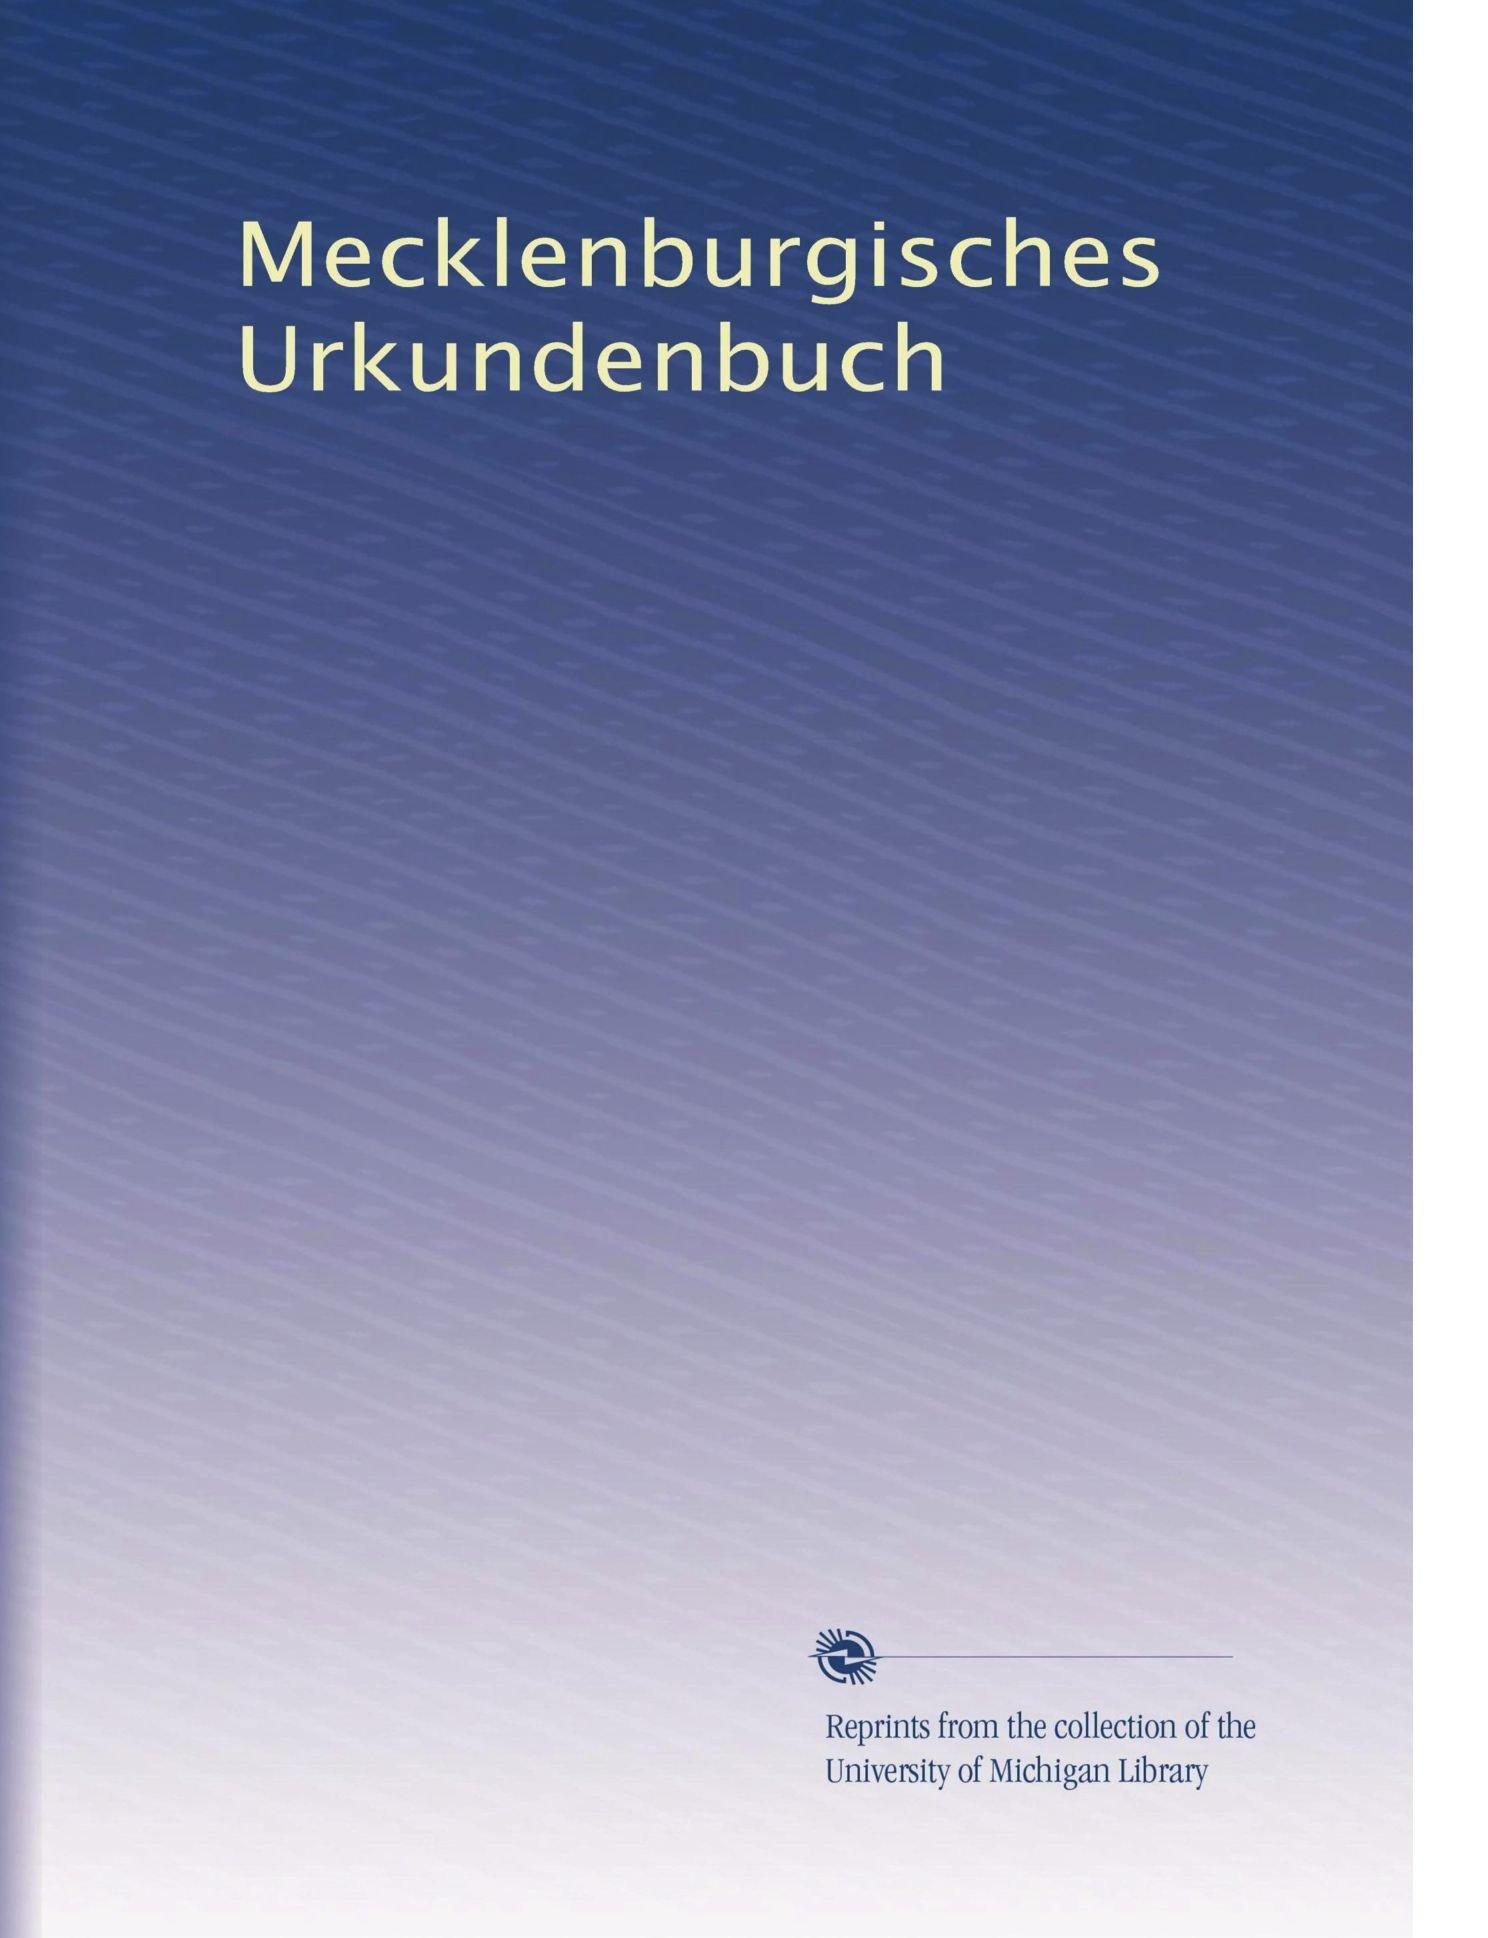 Mecklenburgisches Urkundenbuch (German Edition) ebook